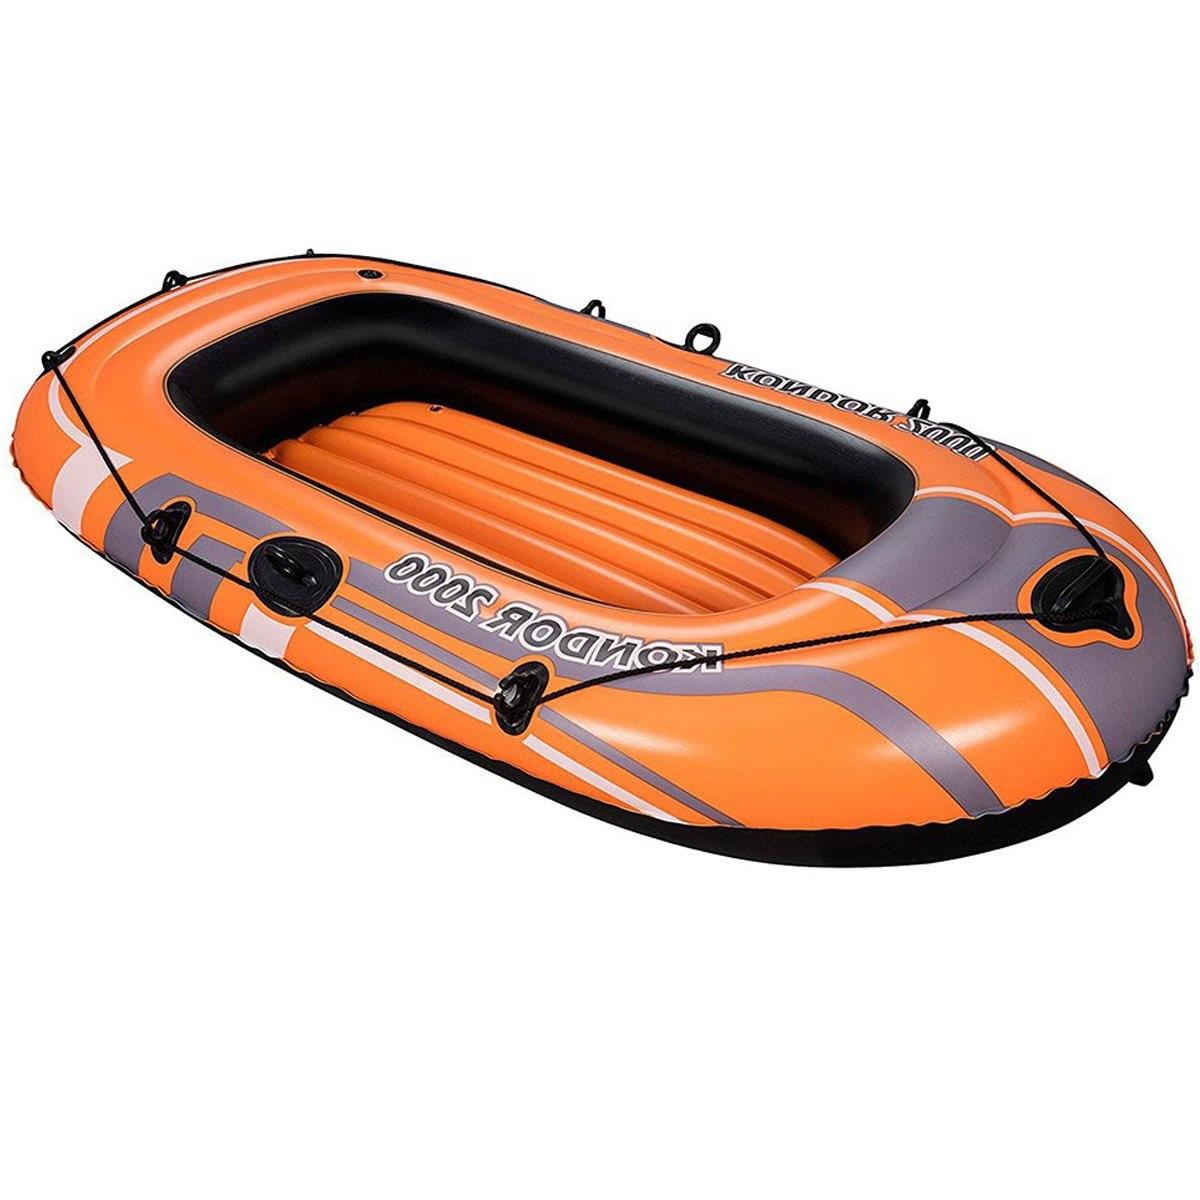 Полутораместная надувная лодка Bestway, Condor 2000 188х98 cм